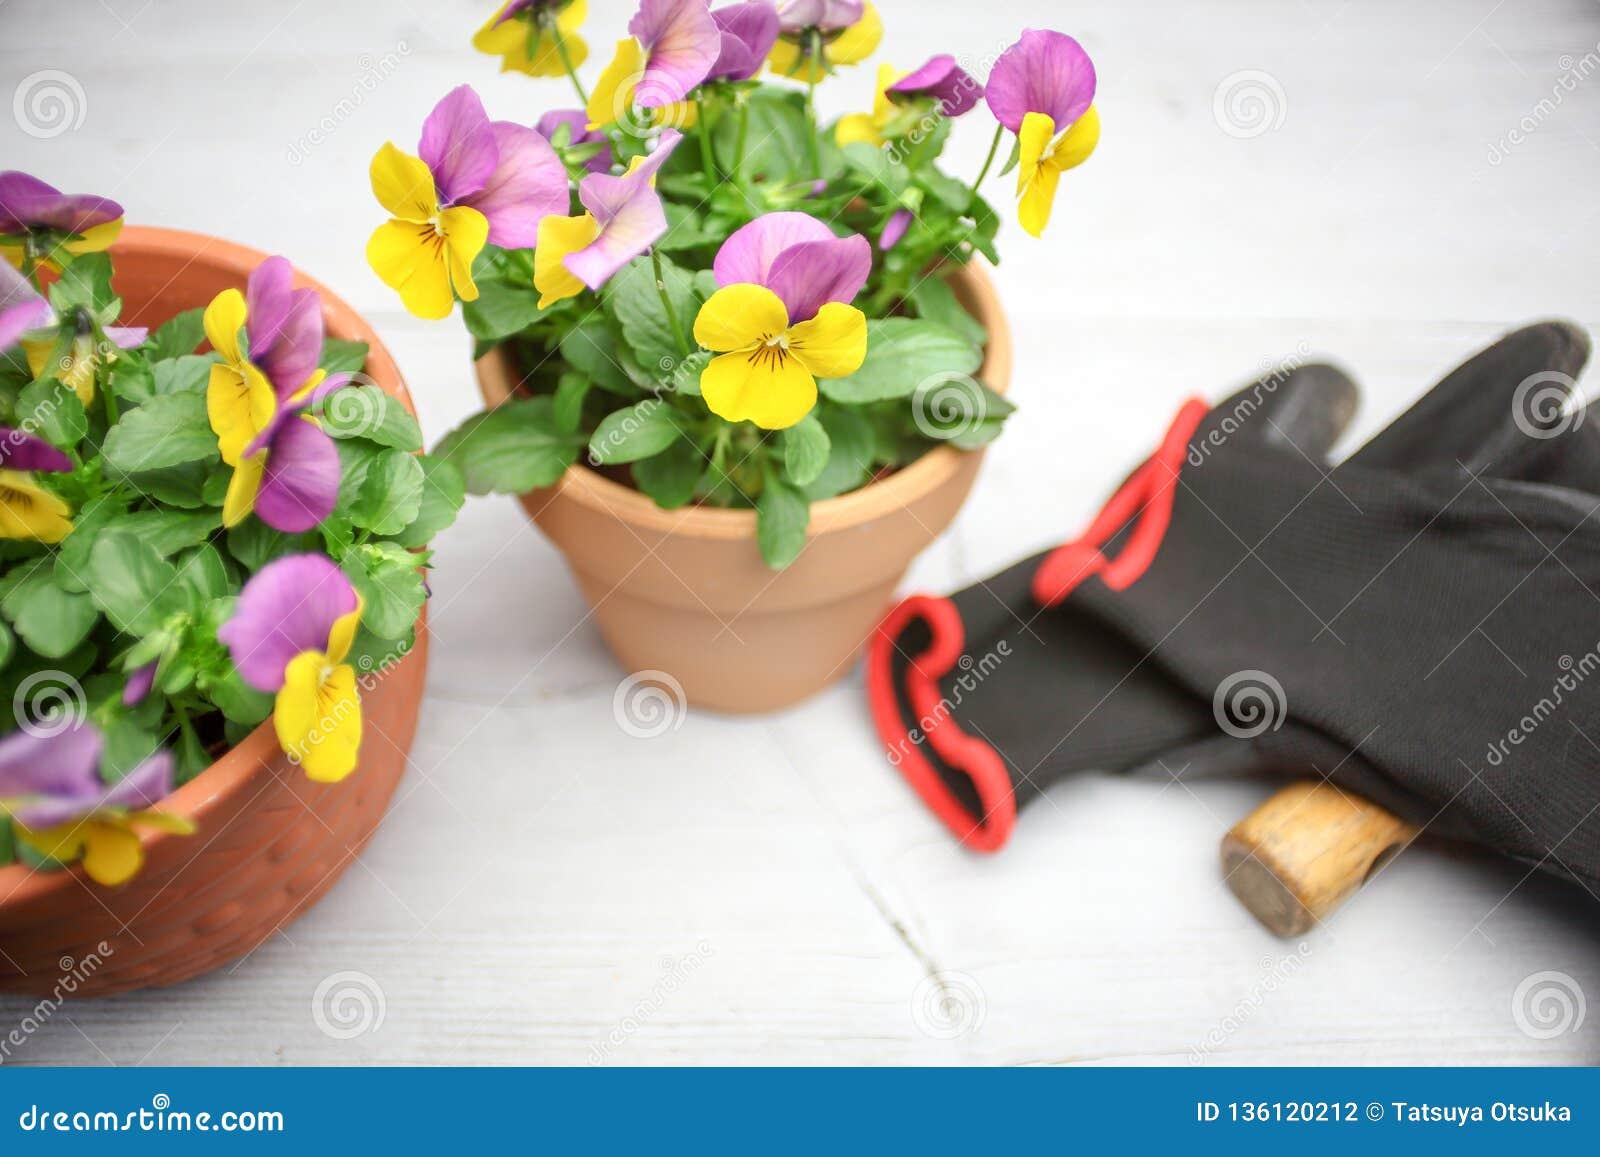 Альты в цветочном горшке